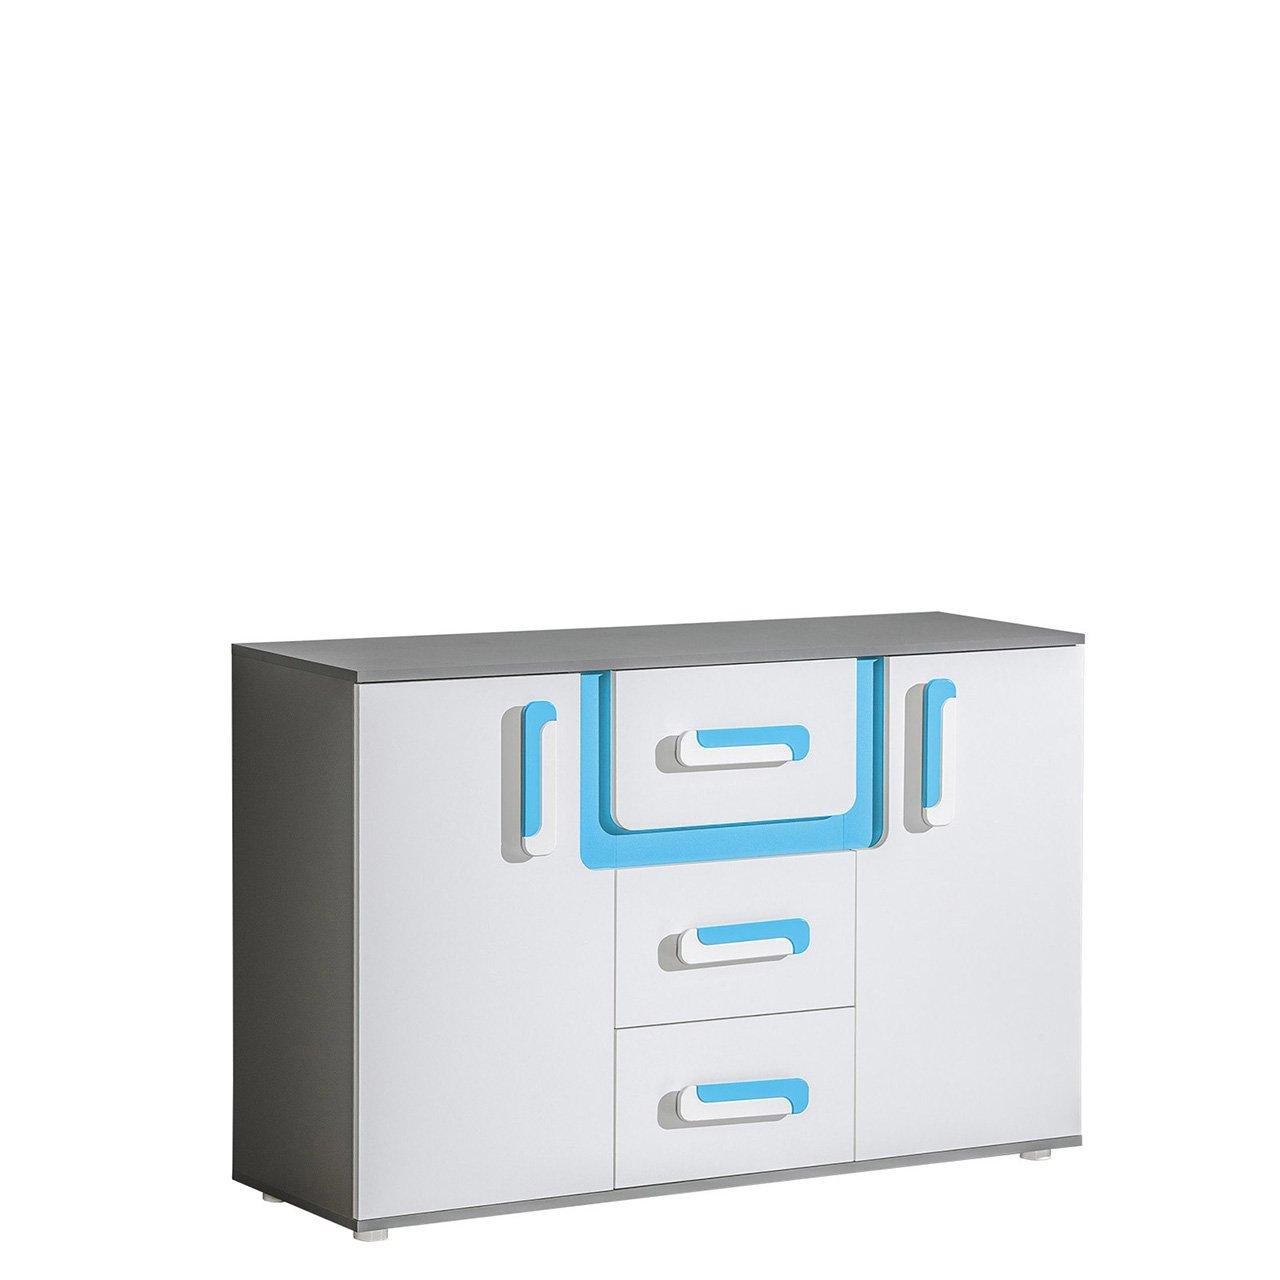 Mirjan24  Kommode Apetito AP07 mit 3 Schubladen, Sideboard, Schubladenkommode, Highboard für Jugendzimmer (Anthrazit/Weiß + Türkis)